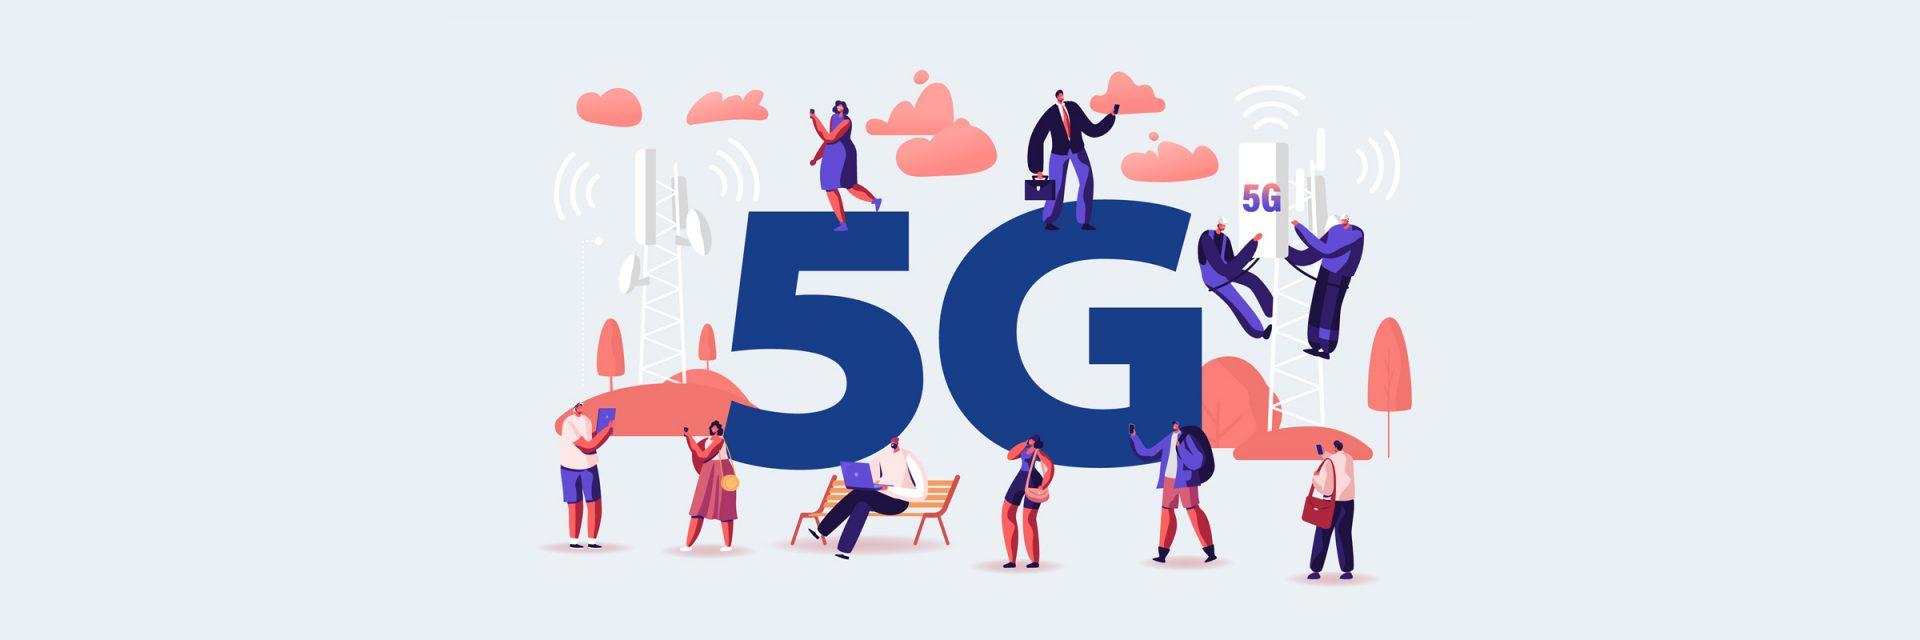 La 5G n'a aucun lien avec COVID-19, et Facebook et YouTube prennent des publications